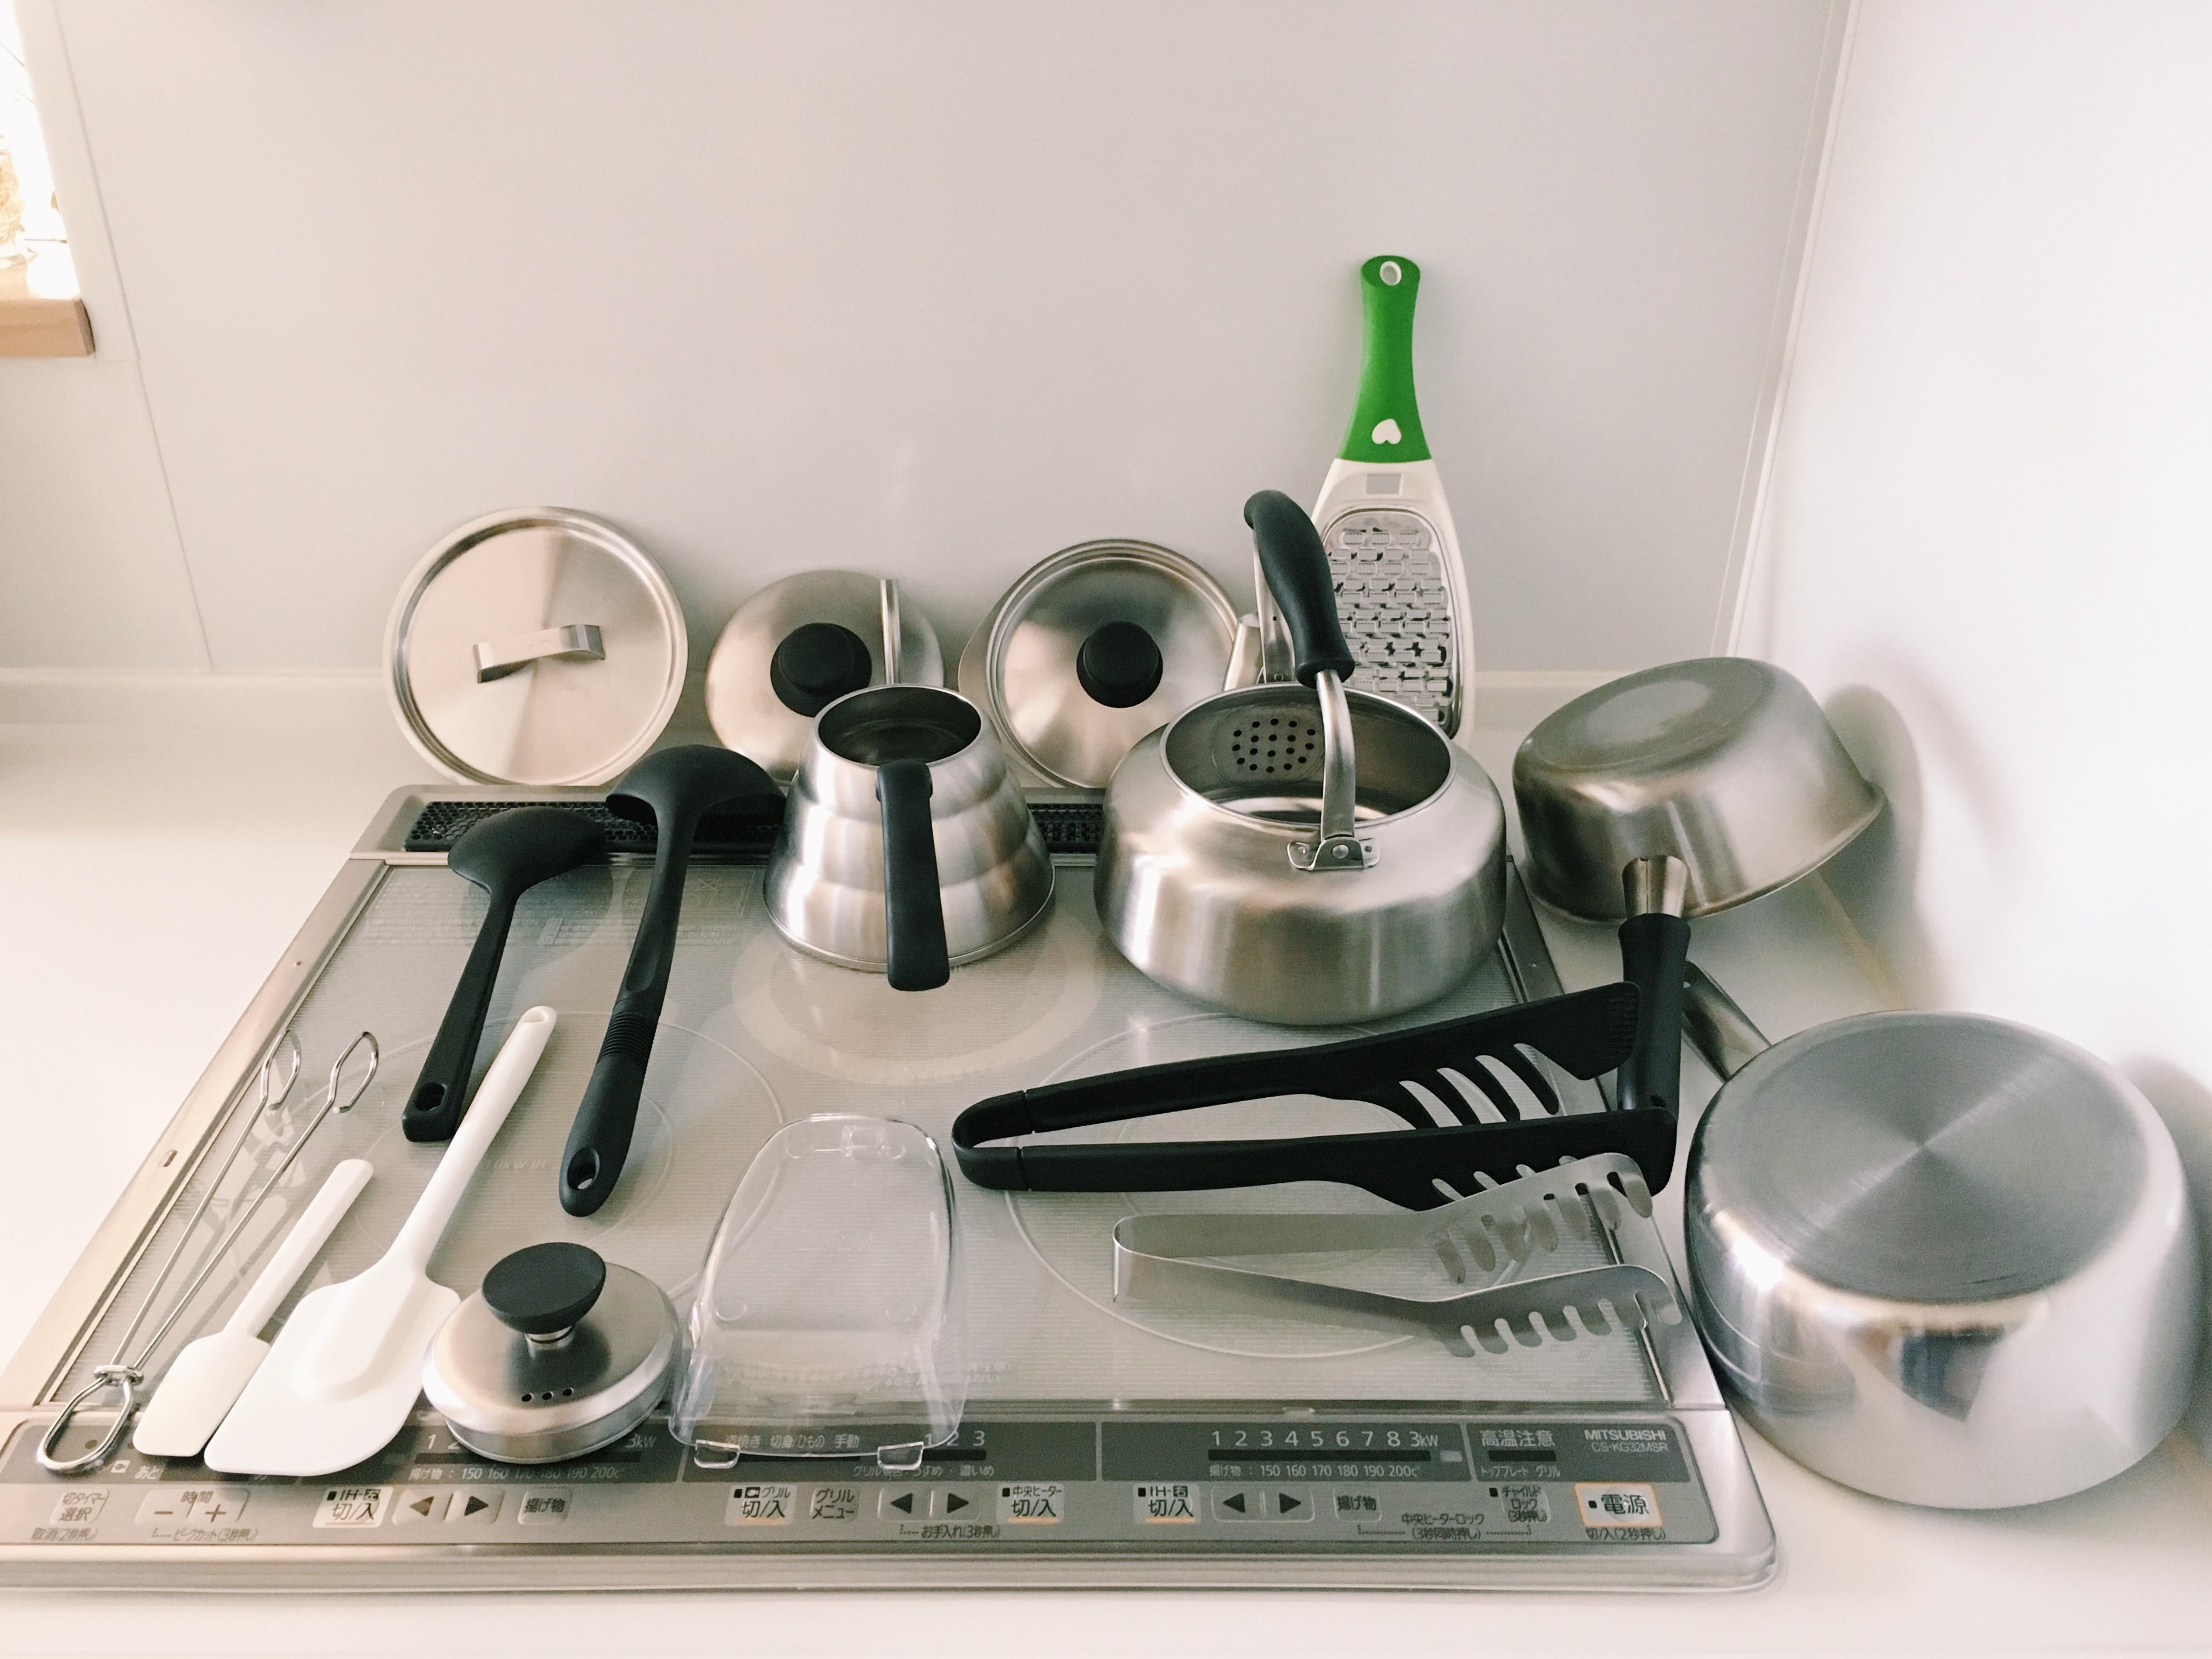 【オキシ漬けでピカピカ】シンクもキッチンツールも、まとめて漬けるだけ。キッチンシンクのオキシ漬け